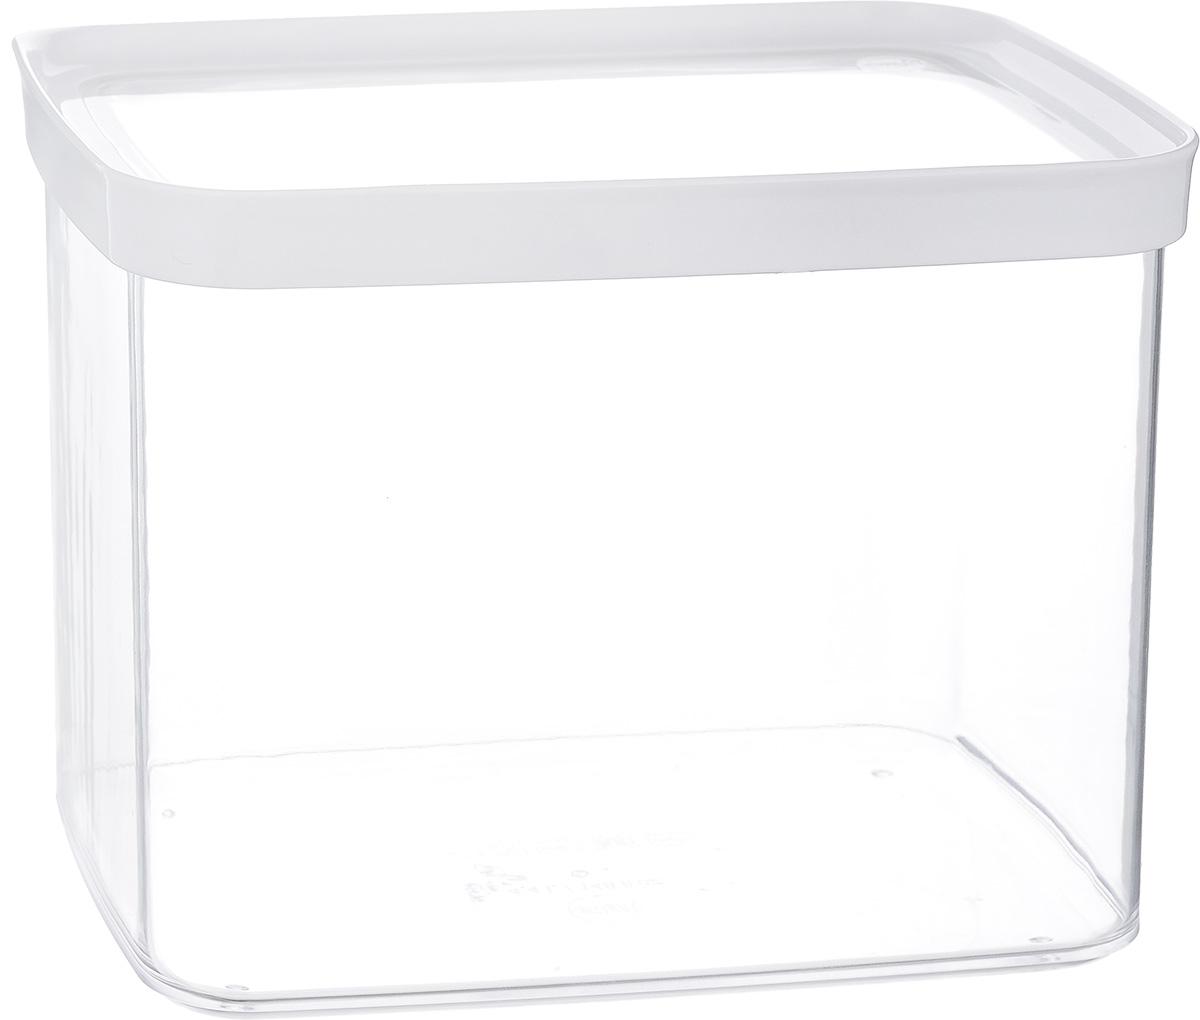 Контейнер для сыпучих продуктов Emsa Optima, 4,4 л513563Контейнер для сыпучих продуктов Emsa Optima изготовлен из высококачественного пищевого пластика. Изделие прозрачное, что позволяет видеть содержимое, это очень удобно и практично. Специальная крышка плотно закрывается, предотвращая попадание влаги. Контейнер очень вместителен, в нем можно хранить макароны, крупы и другие сыпучие продукты, а также печенье или конфеты. Идеальный вариант для поддержания порядка на кухне. Можно мыть в посудомоечной машине.